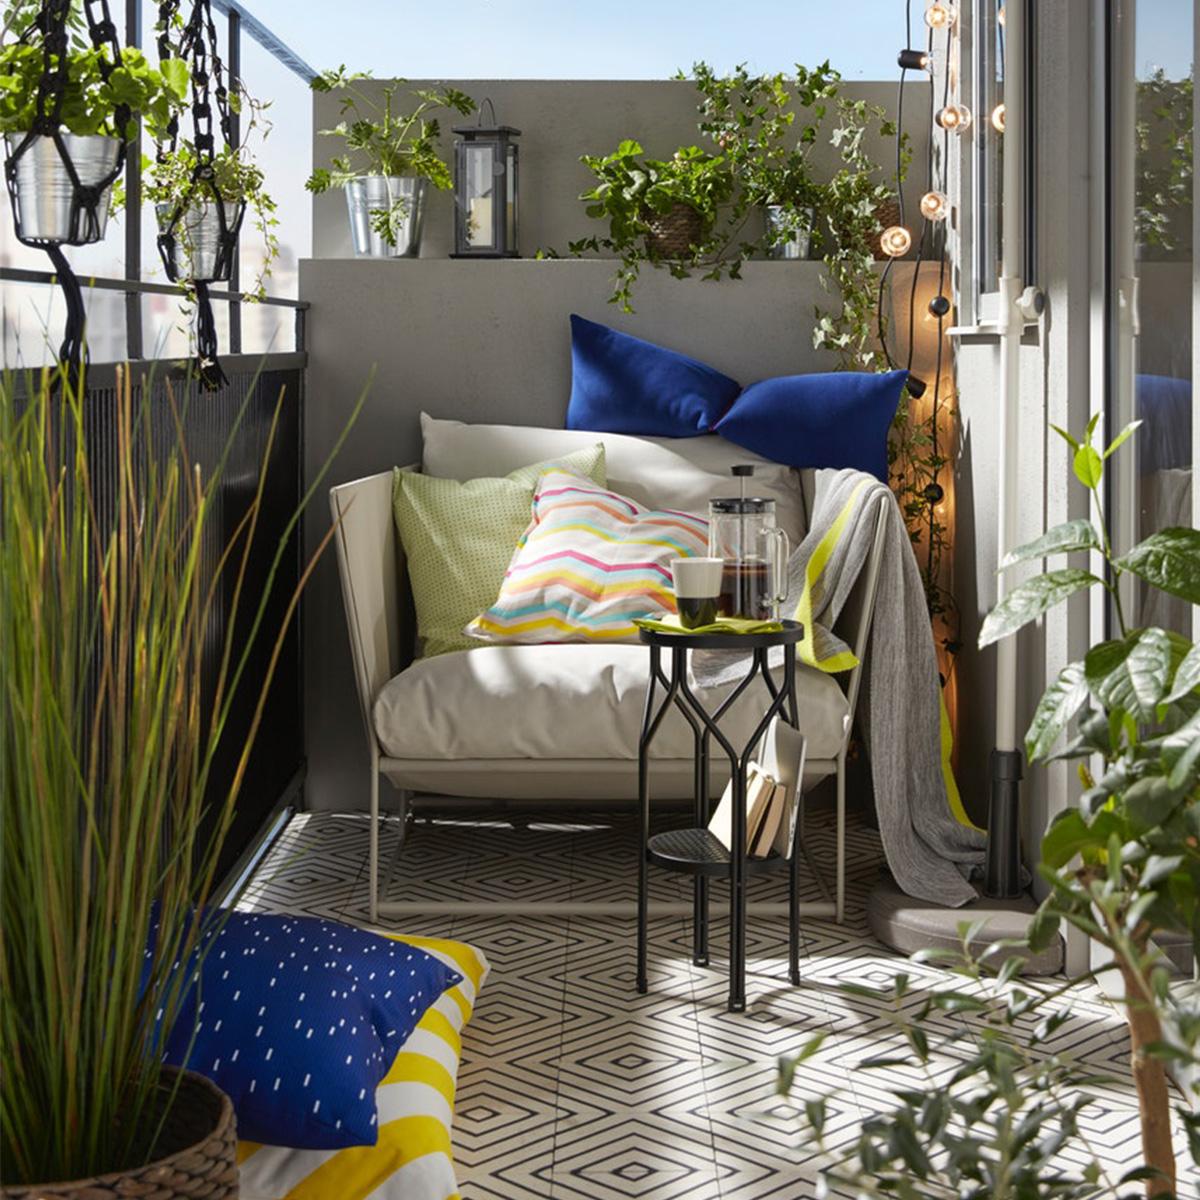 Petit Salon De Jardin Pour Balcon Luxe Idées Pour L ... concernant Bar De Jardin Ikea